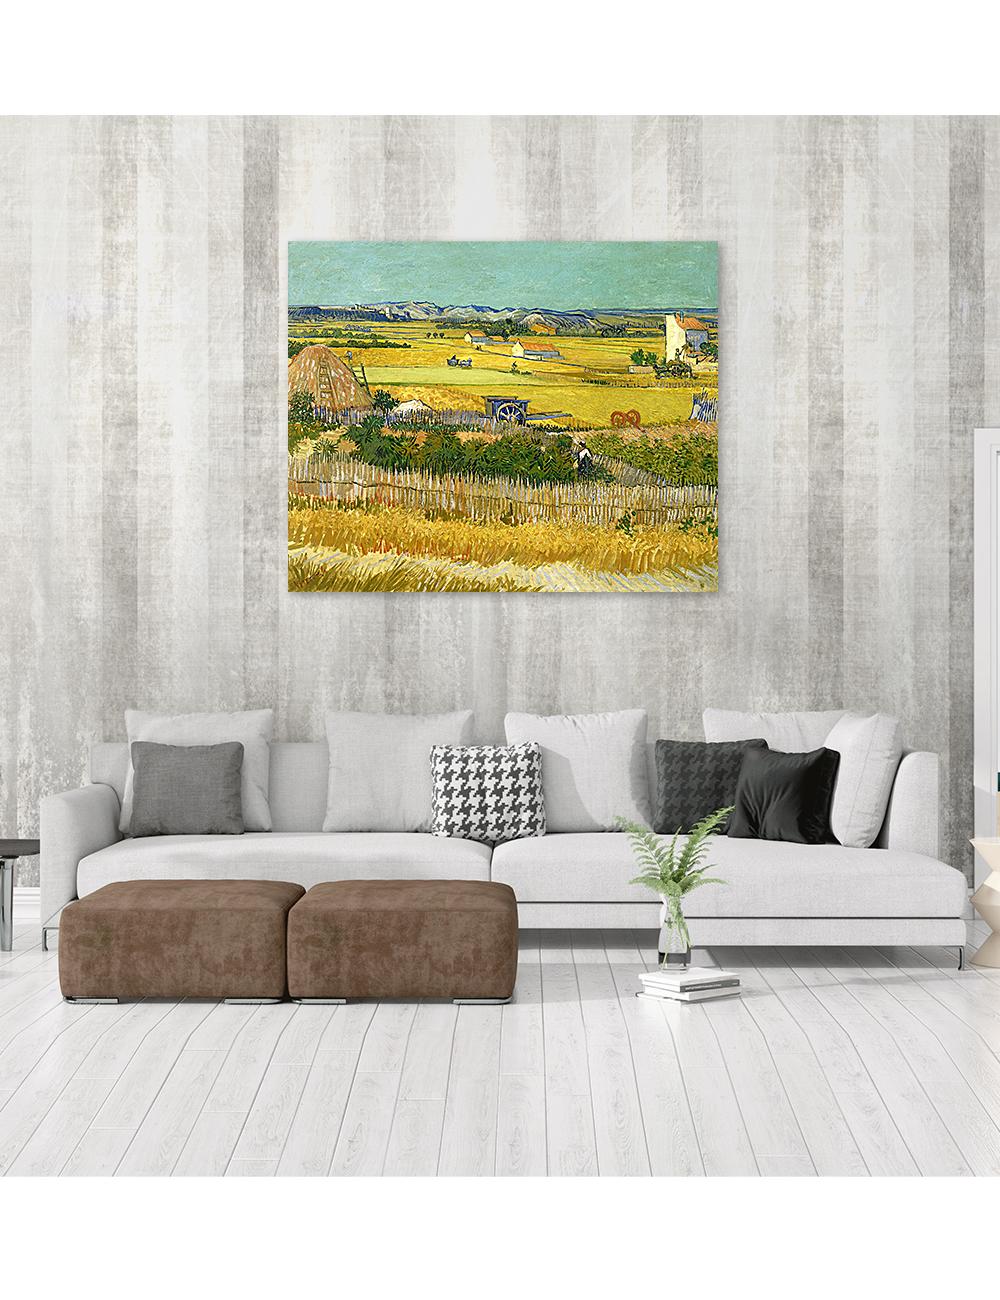 """DECORARTS - """"The Harvest"""" Vincent Van Gogh Art Reproduction."""